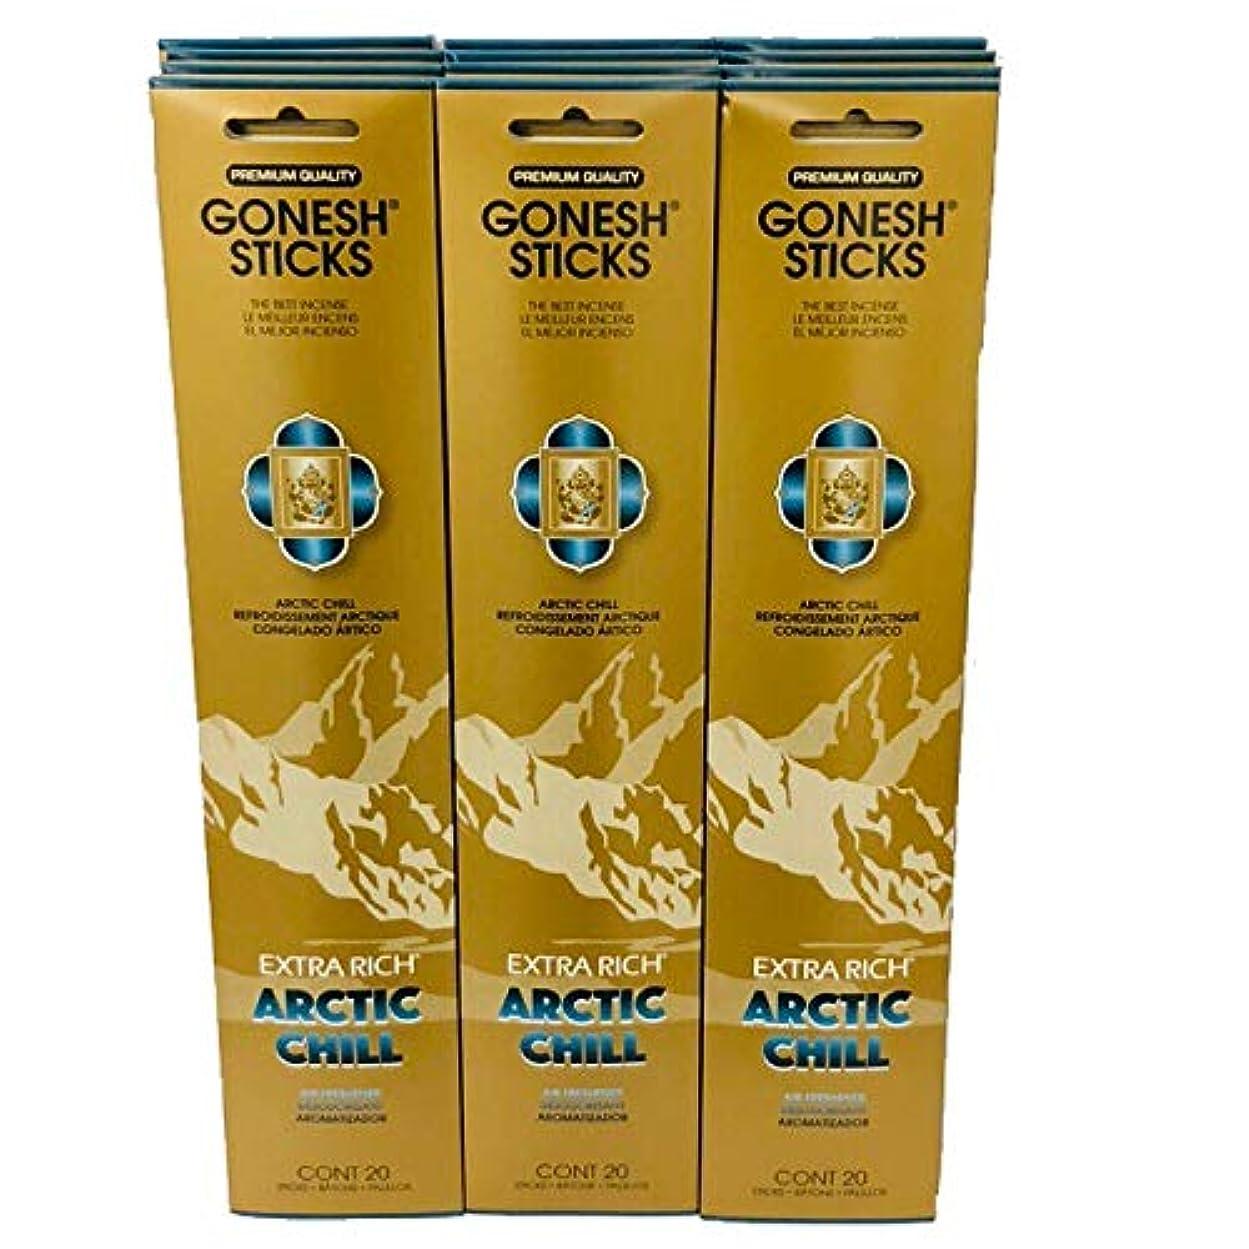 血まみれの栄光の巨人Gonesh – 12 ARCTIC CHILL PACK ( 240 Sticks ) Incense Sticks Extra Richコレクション